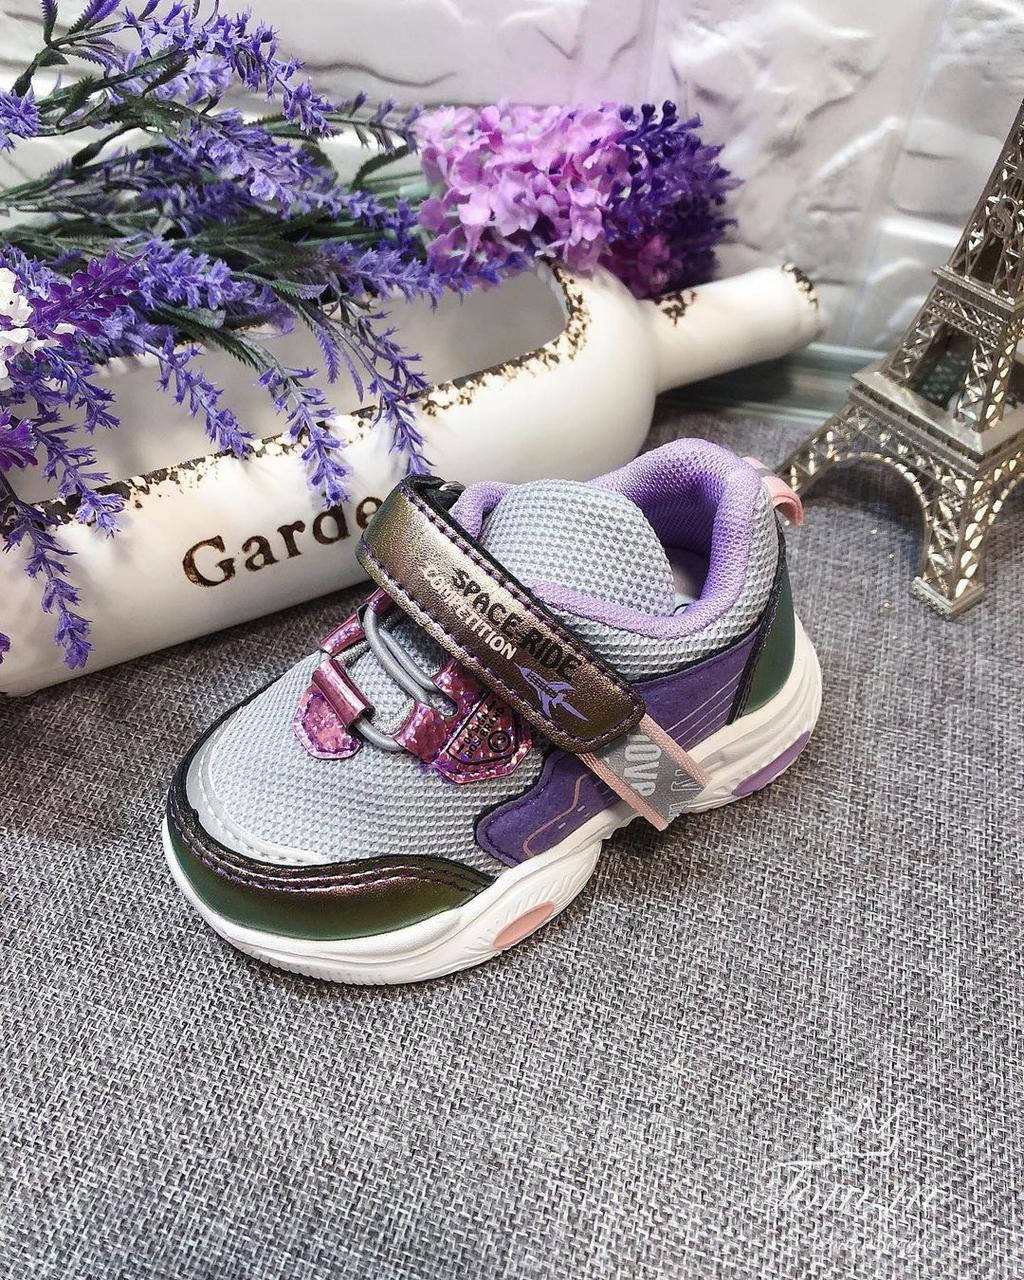 Кросівки дитячі на дівчинку Tom.M 9107F. 21-26 розміри. НОВИНКА 2021 року.